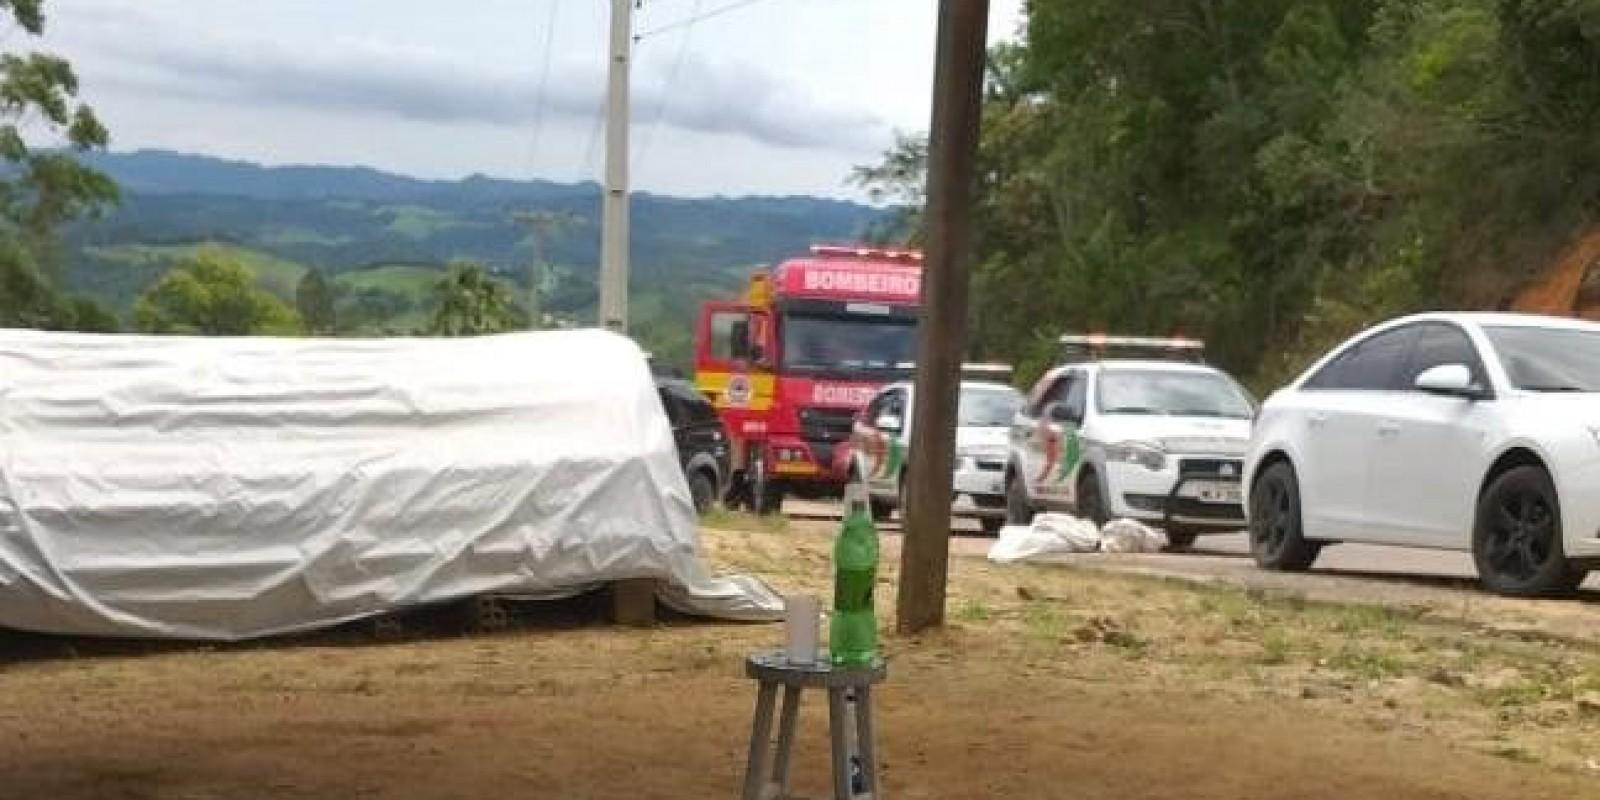 Polícia faz buscas em matagal na tentativa de encontrar morador de Rua de Braço do Norte